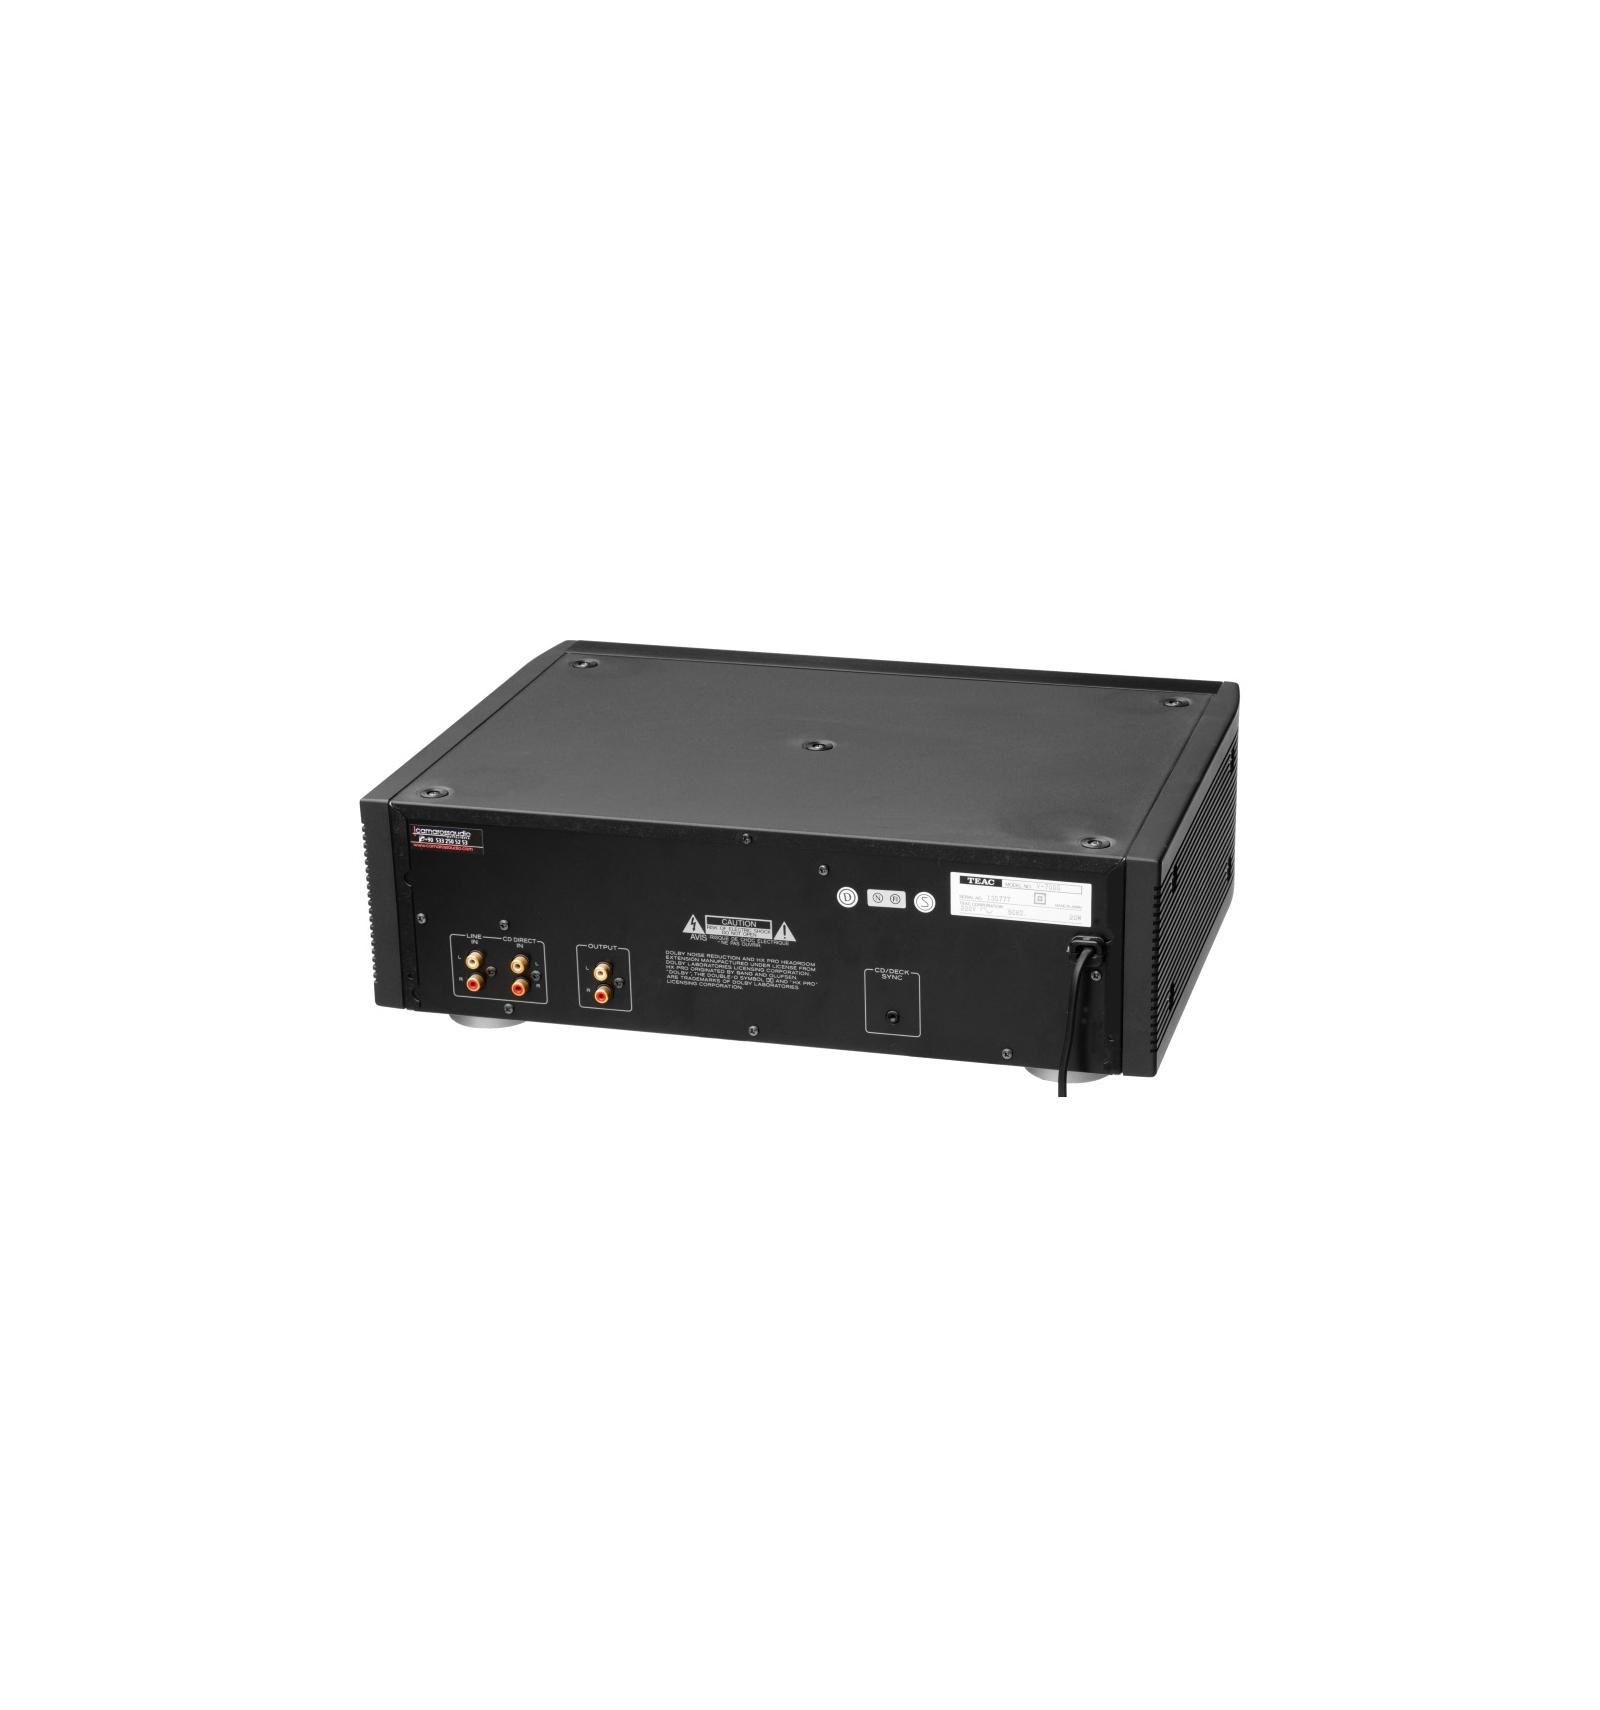 Teacv7000  Teacv 7000  V7000  Cassettedeck  Teac  3head  3motor  Tape